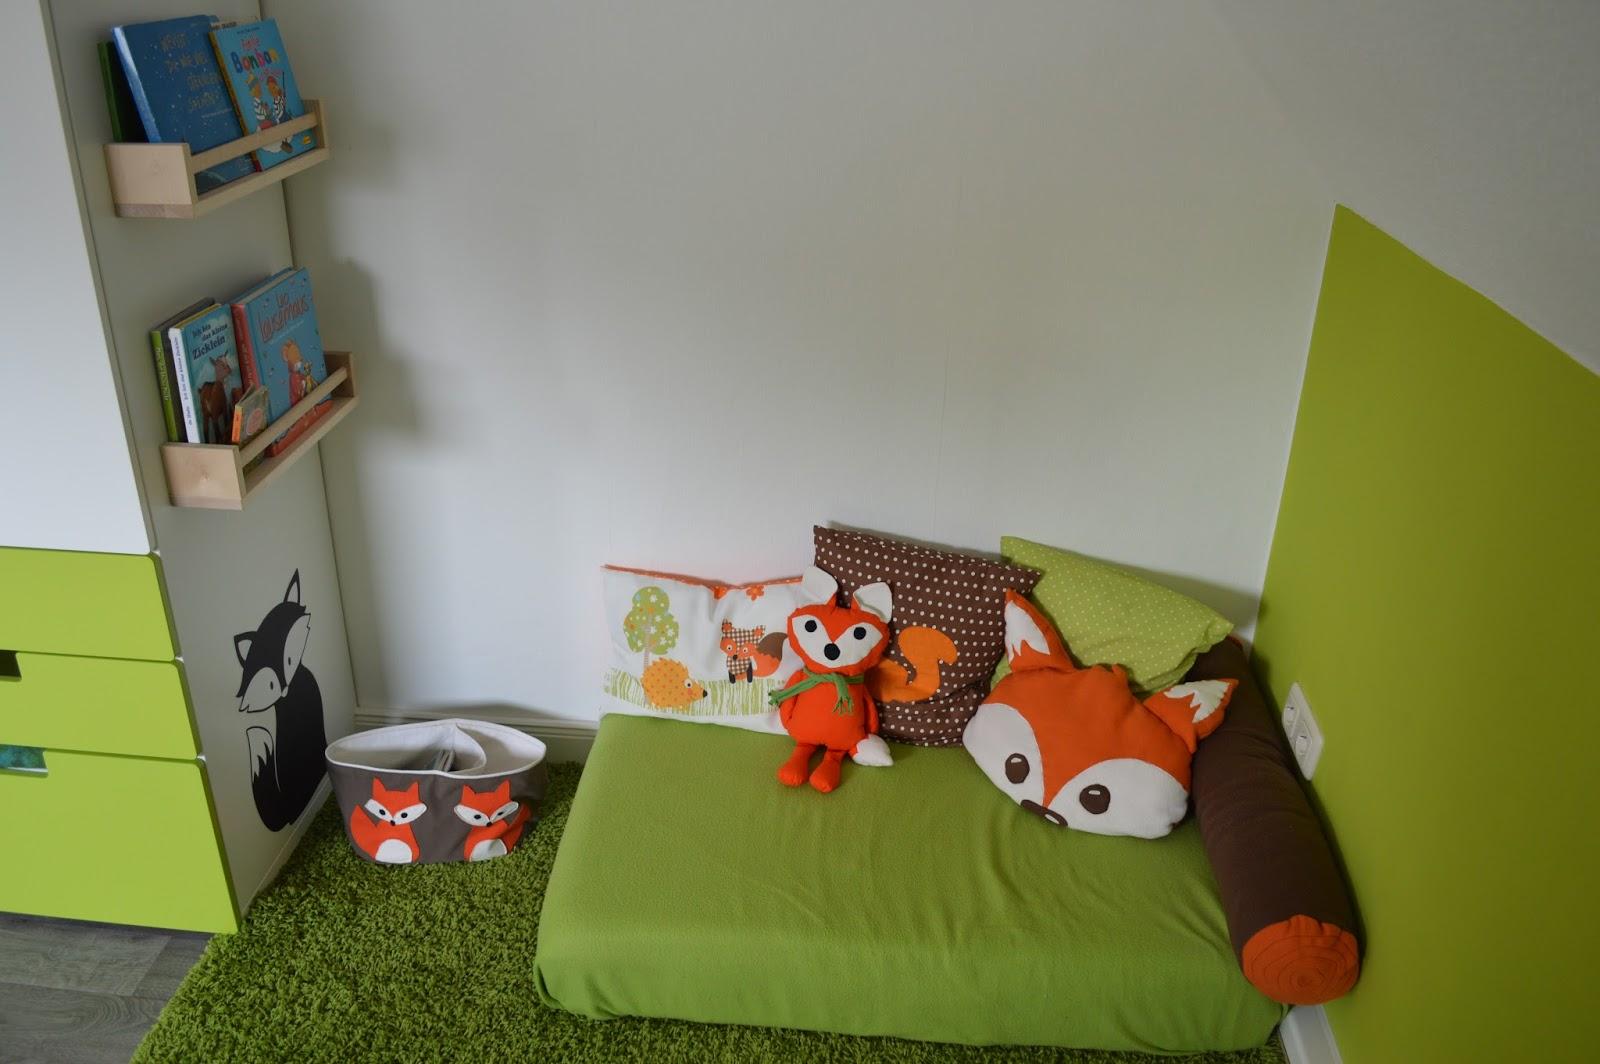 Ideenwiese kinderzimmer teil 2 for Kinderzimmer kuschelecke